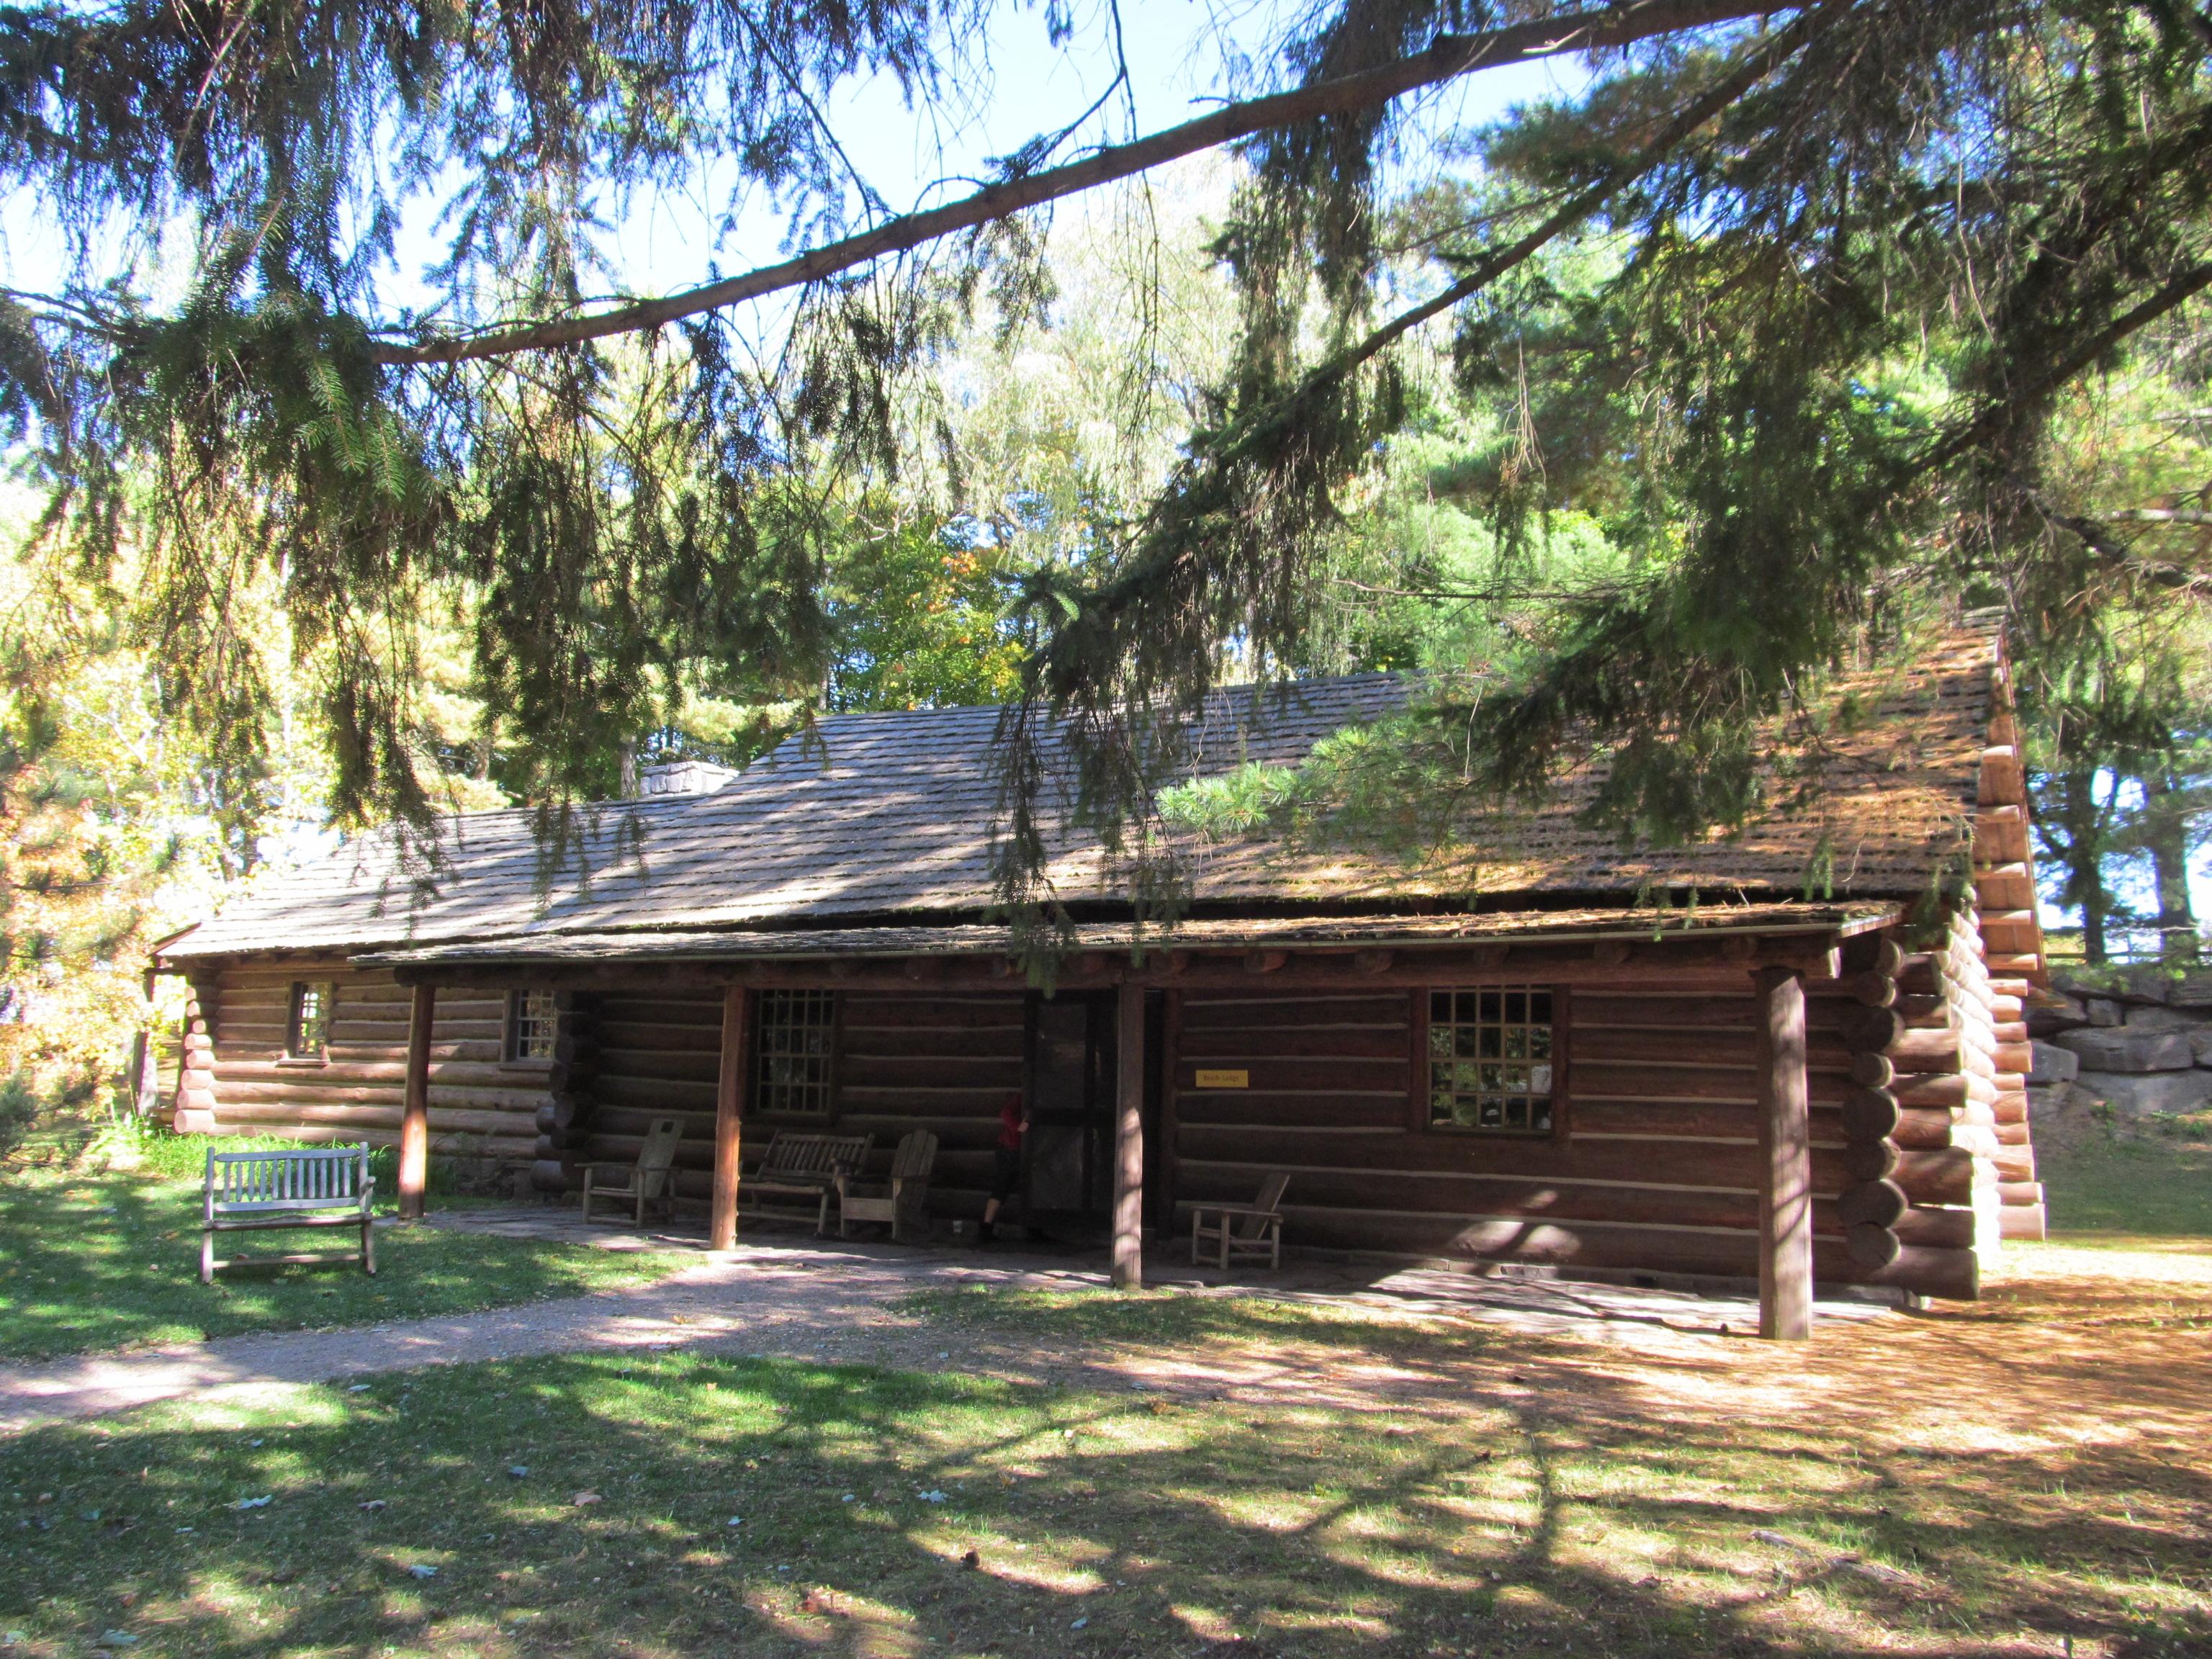 File:Beach Lodge, Shelburne Museum, Shelburne VT.jpg